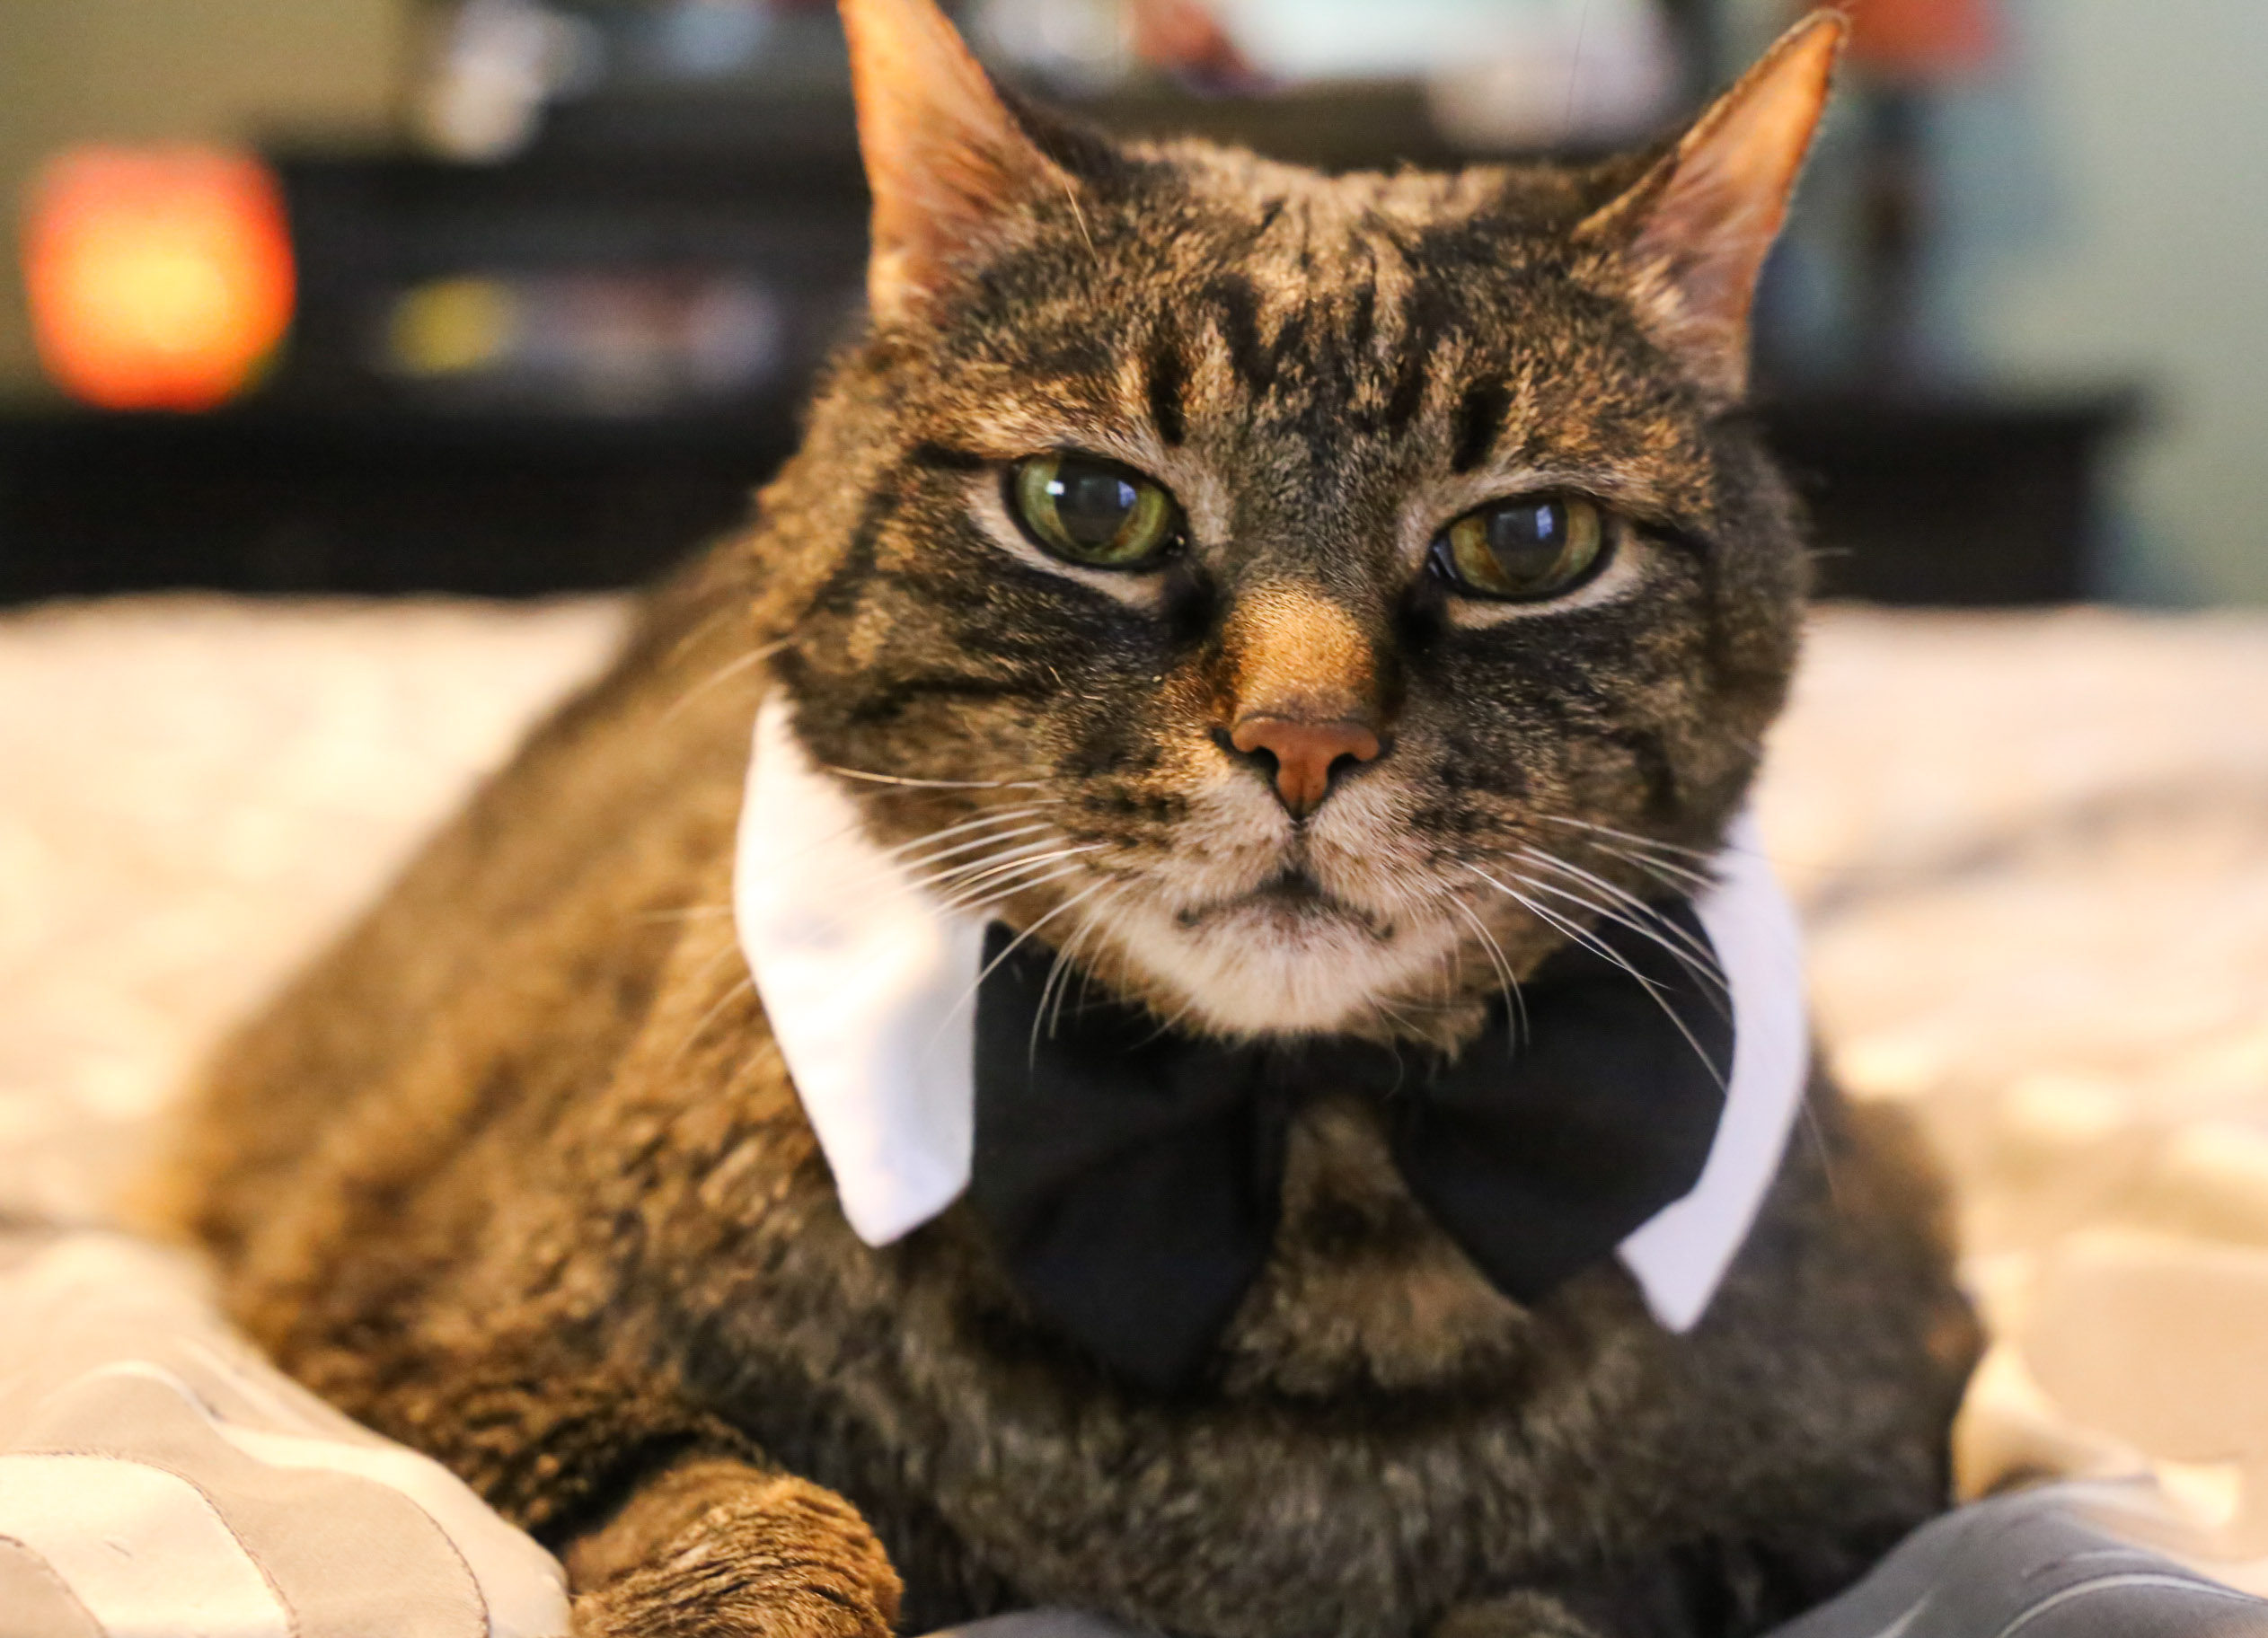 Cooper with black tie